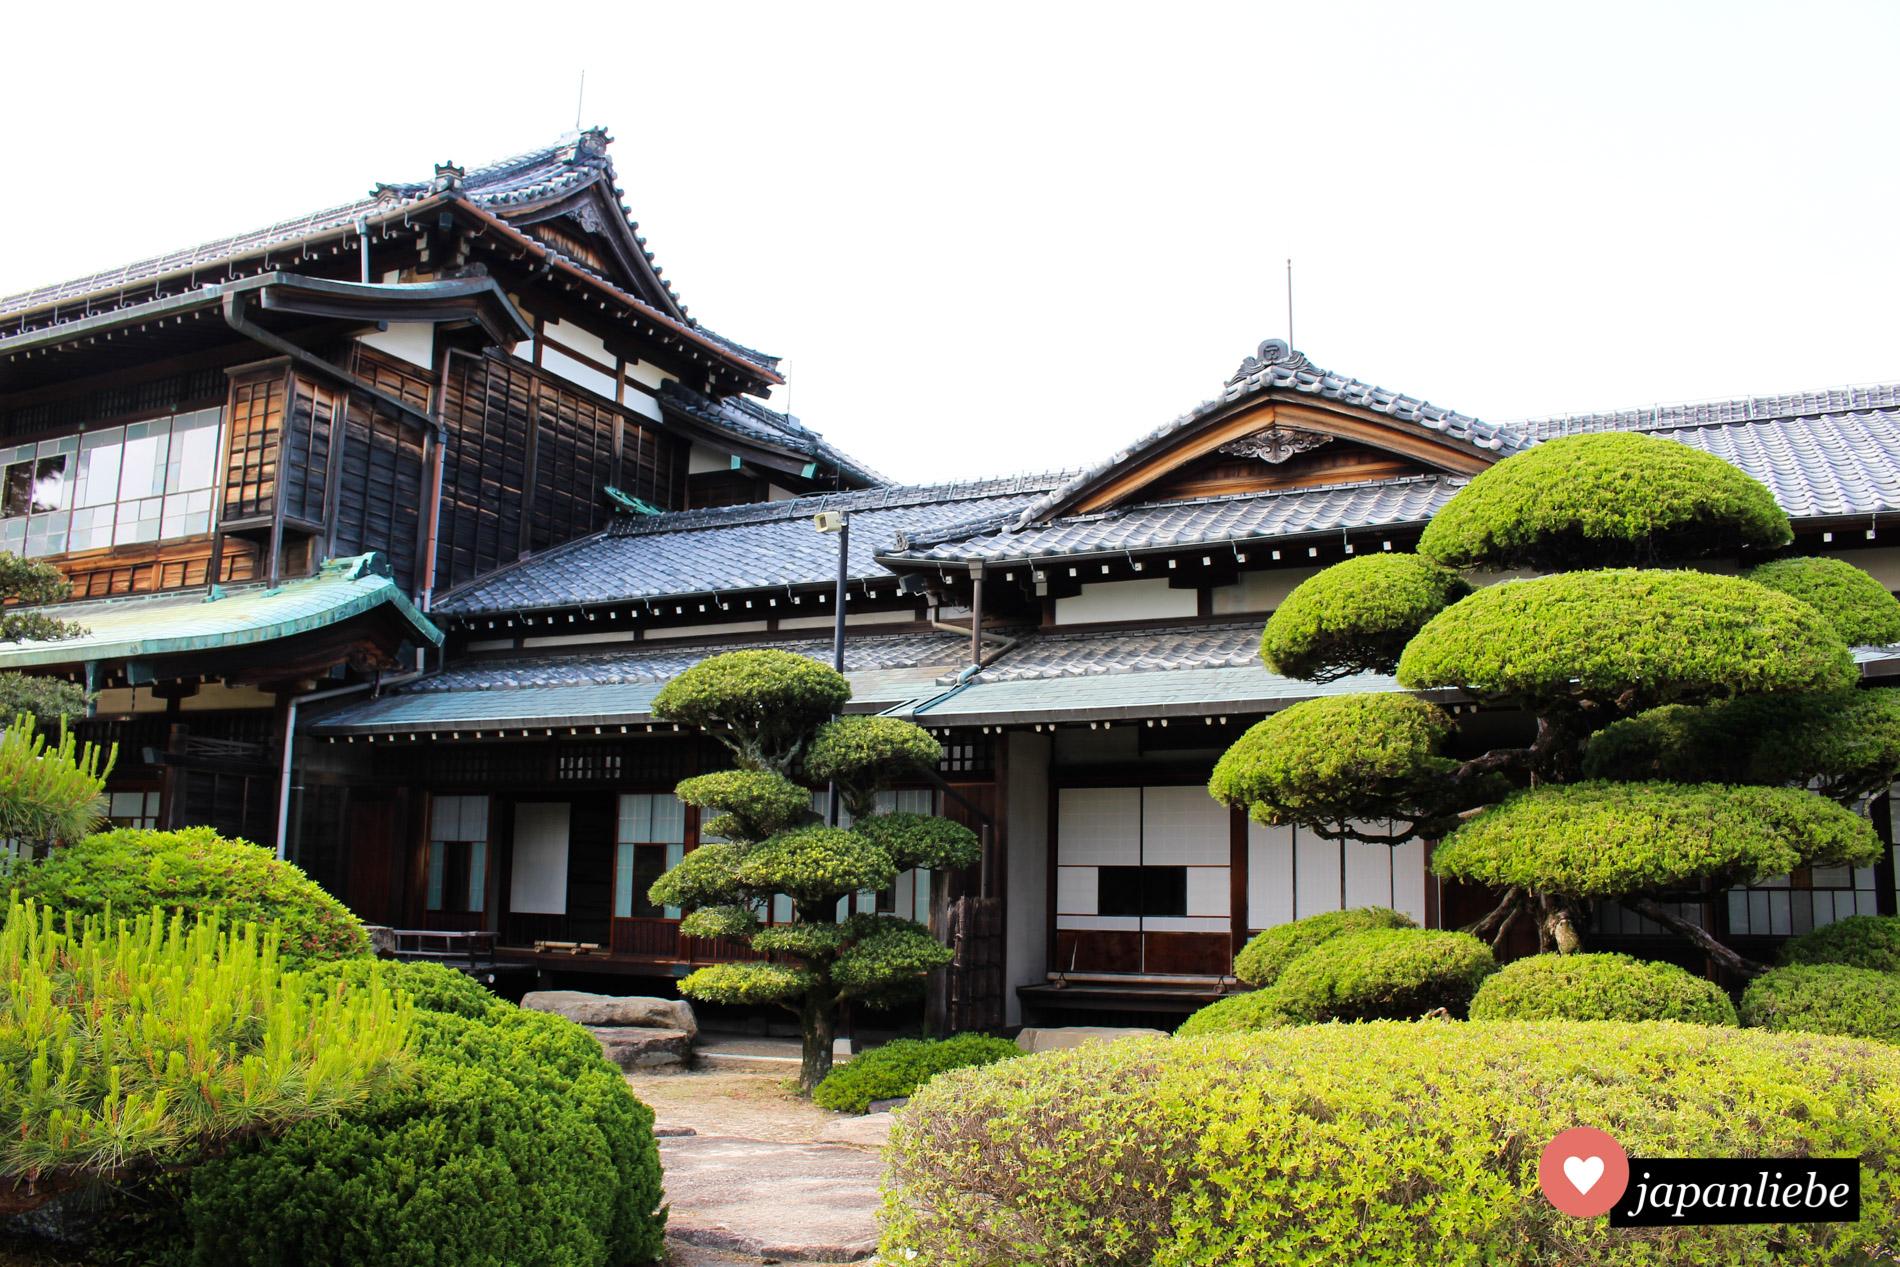 An den Mōri Garten angrenzend befindet sich die Mōri-Residenz, die ein Museum beherbergt und zusätzlich Eintritt kostet.